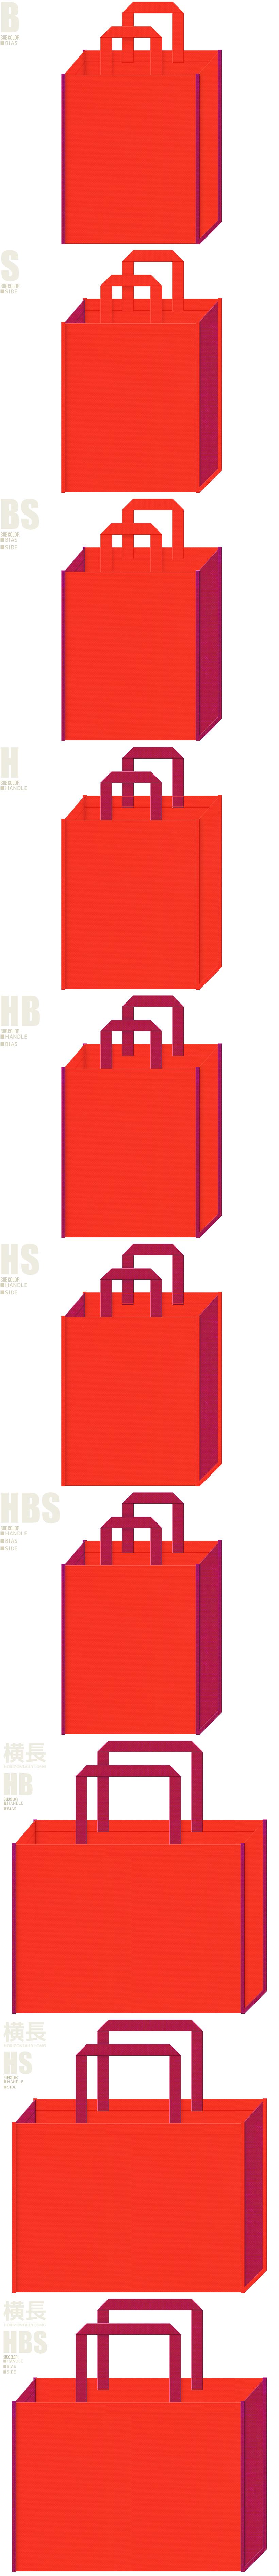 南国・トロピカル・カクテル・フルーツのイメージにお奨めの、オレンジ色と濃いピンク色-不織布バッグの配色デザイン例